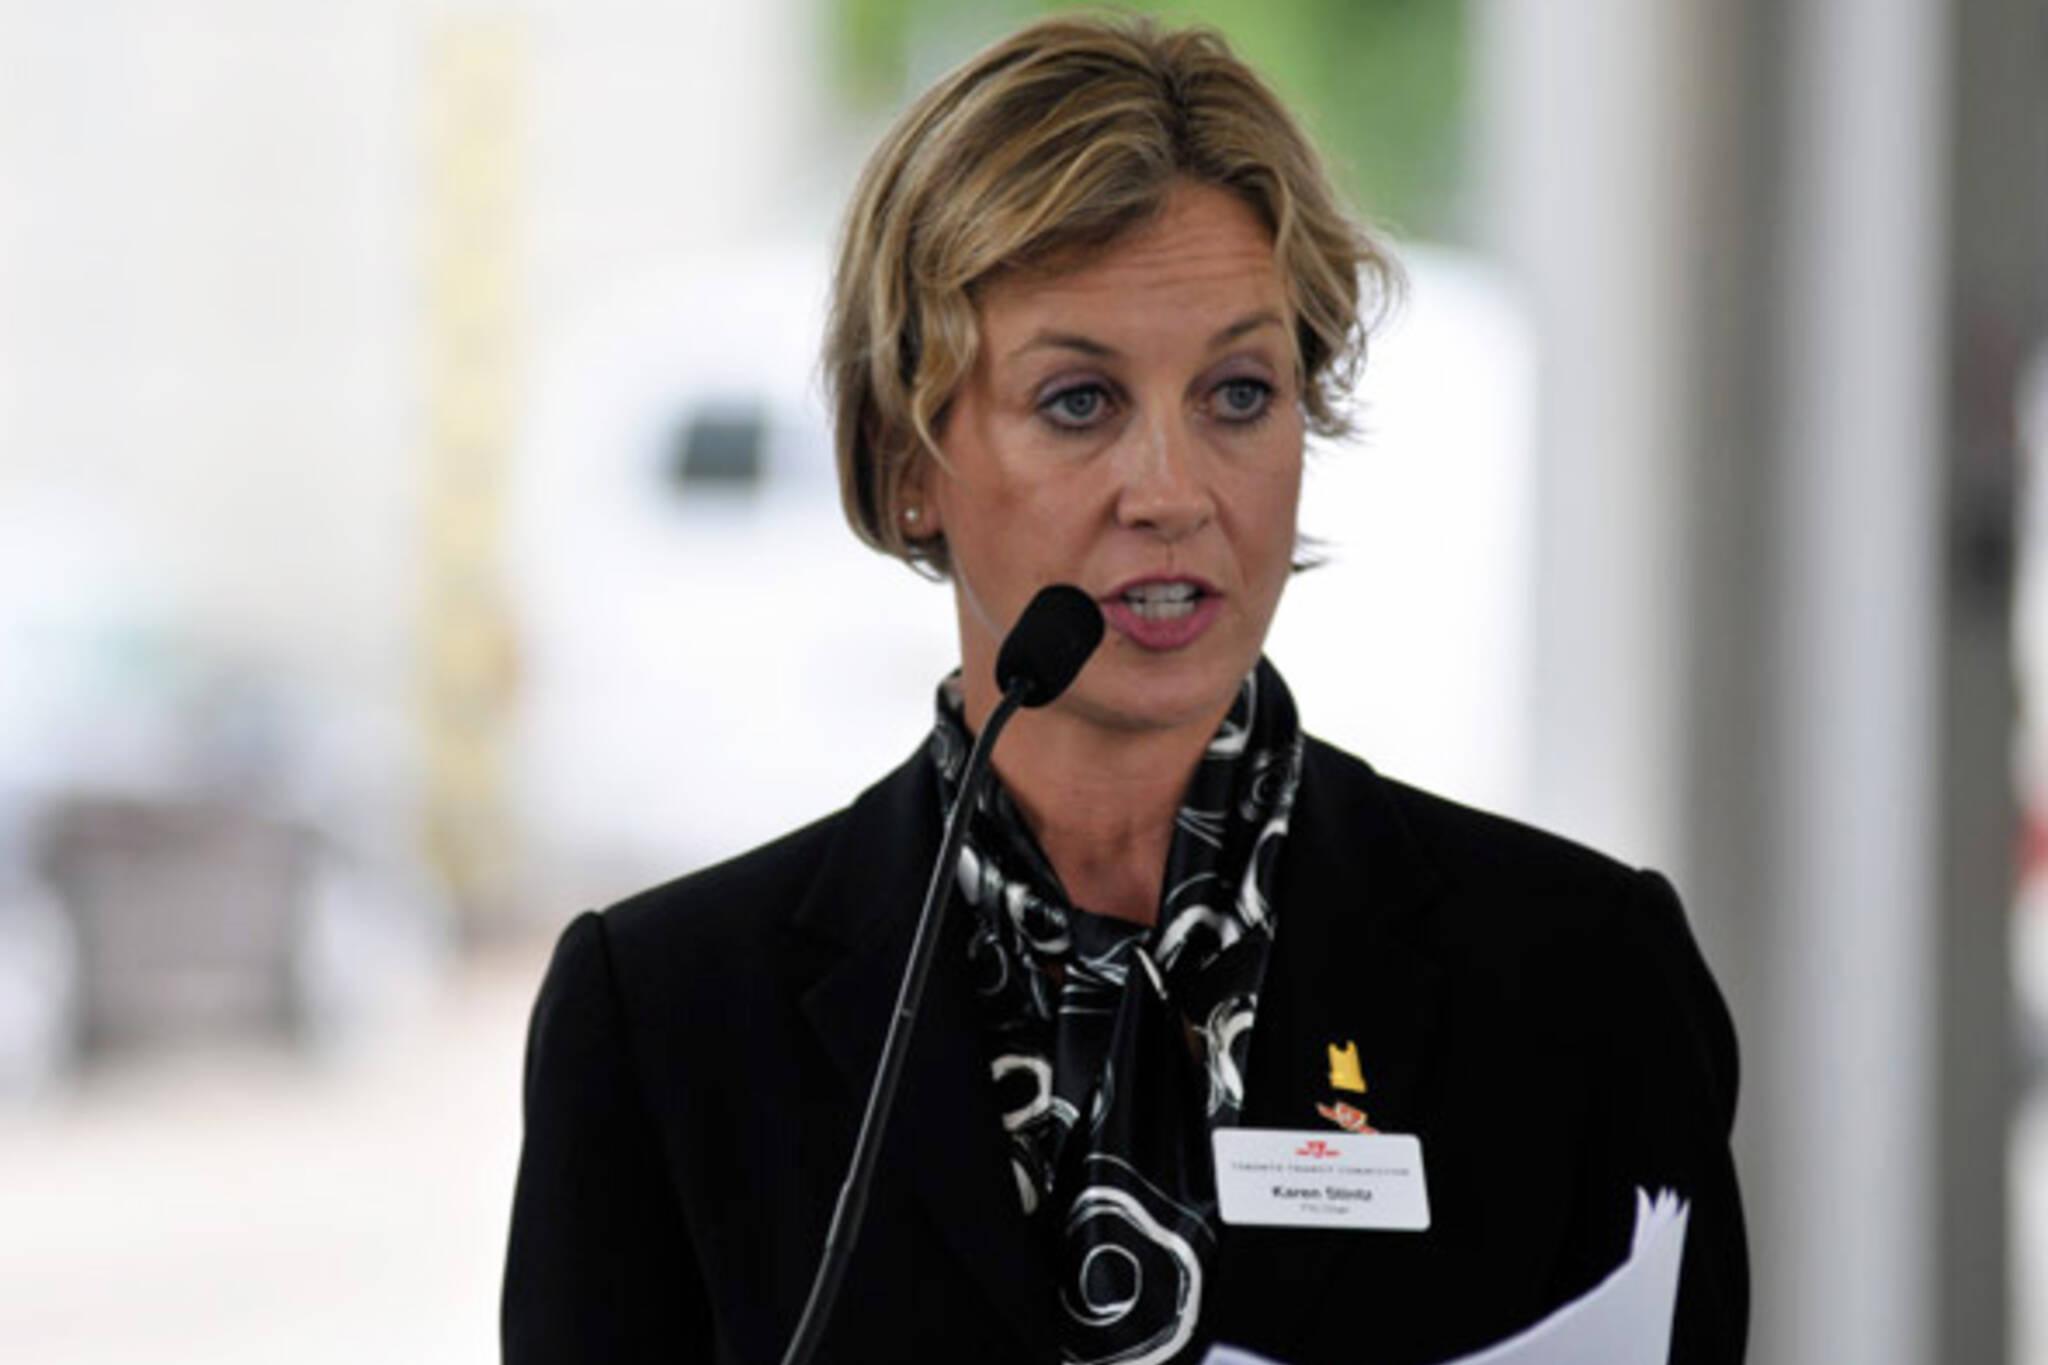 TTC Karen Stintz